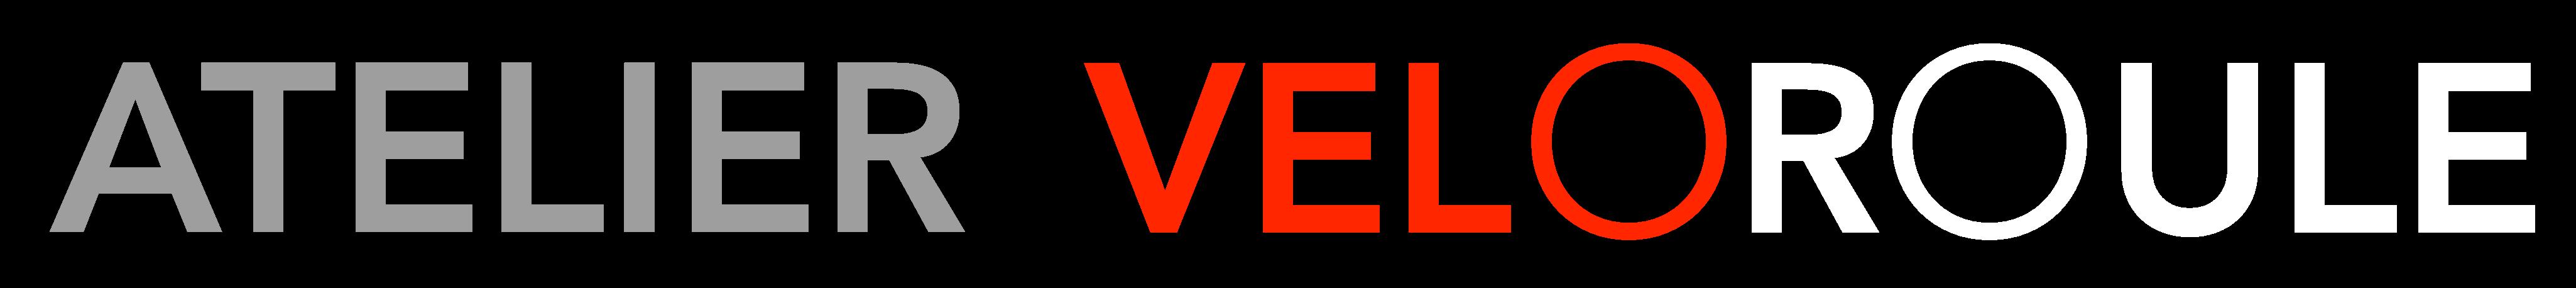 Atelier Veloroule